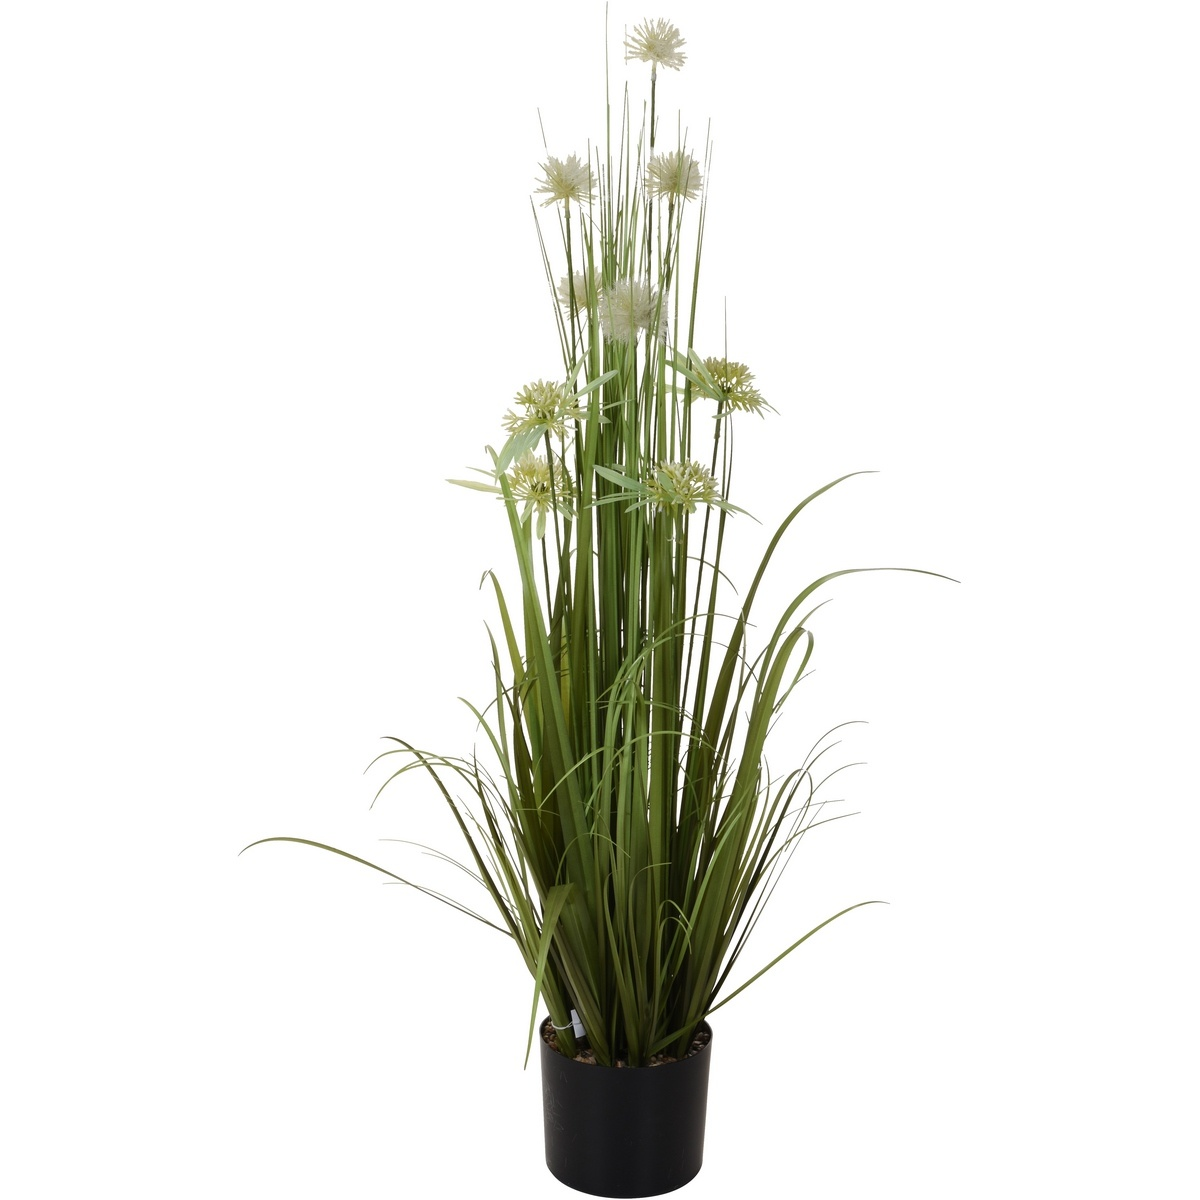 Koopman Umělá kvetoucí tráva v květináči Frída, 104 cm